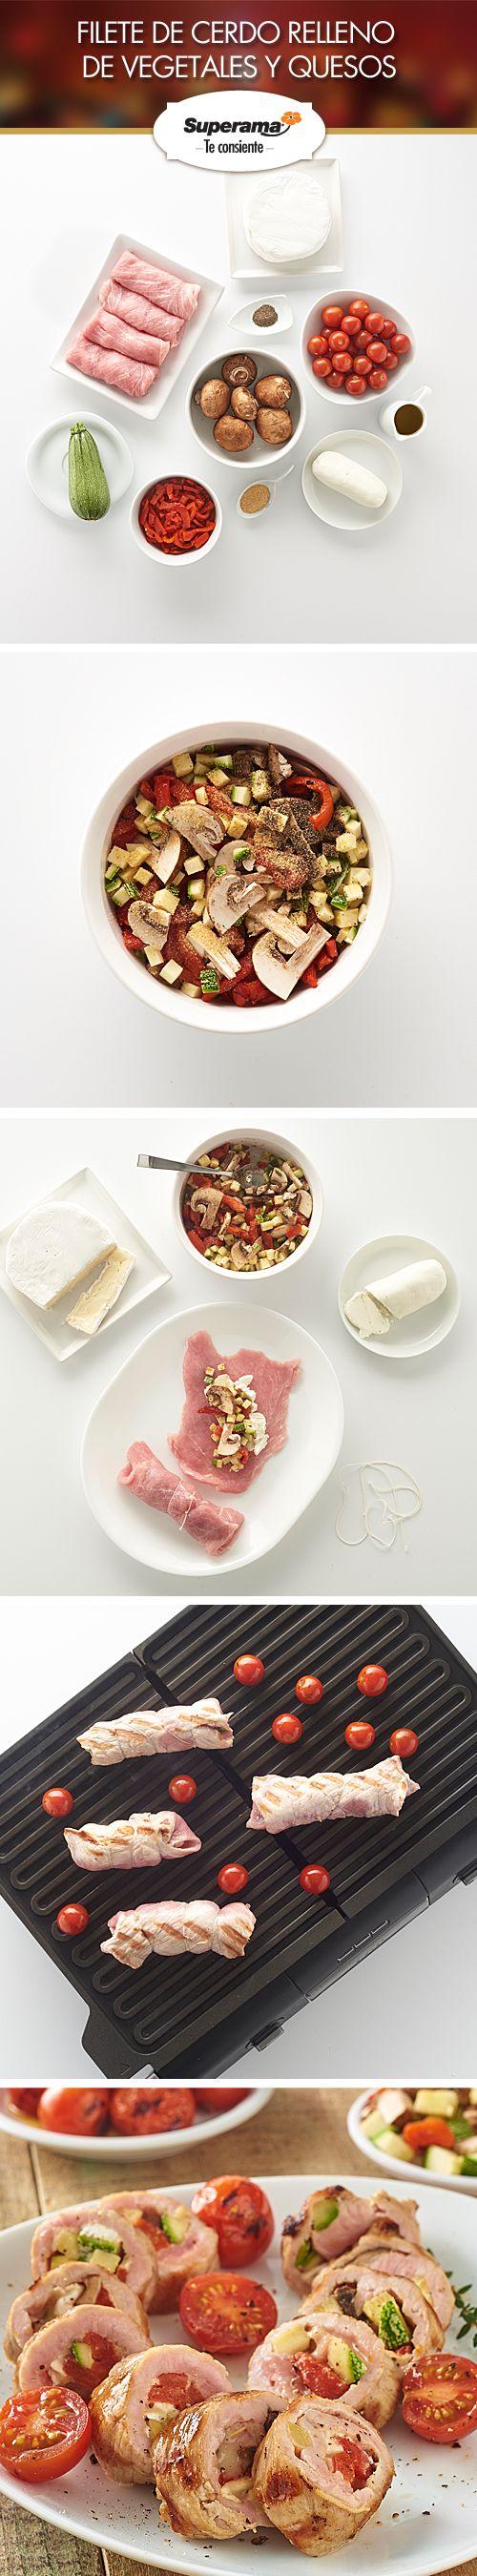 #Filete de cerdo relleno: Mezcla 1 tz. de pimientos de lata picados, 1 tz. de calabaza picada, 1 tz. de champiñones picados, 1 cda. de sal con ajo y ½ cda. de pimienta. Distribuye las verduras en el centro de 4 filetes de cerdo aplanados y añade a cada uno 1 cda. de queso Camembert picado y 1 cda. de queso de cabra. Enrolla los filetes y amarra con hilo cáñamo. Cocina a la parilla con aceite de oliva y 1 tz. de jitomates cherry.